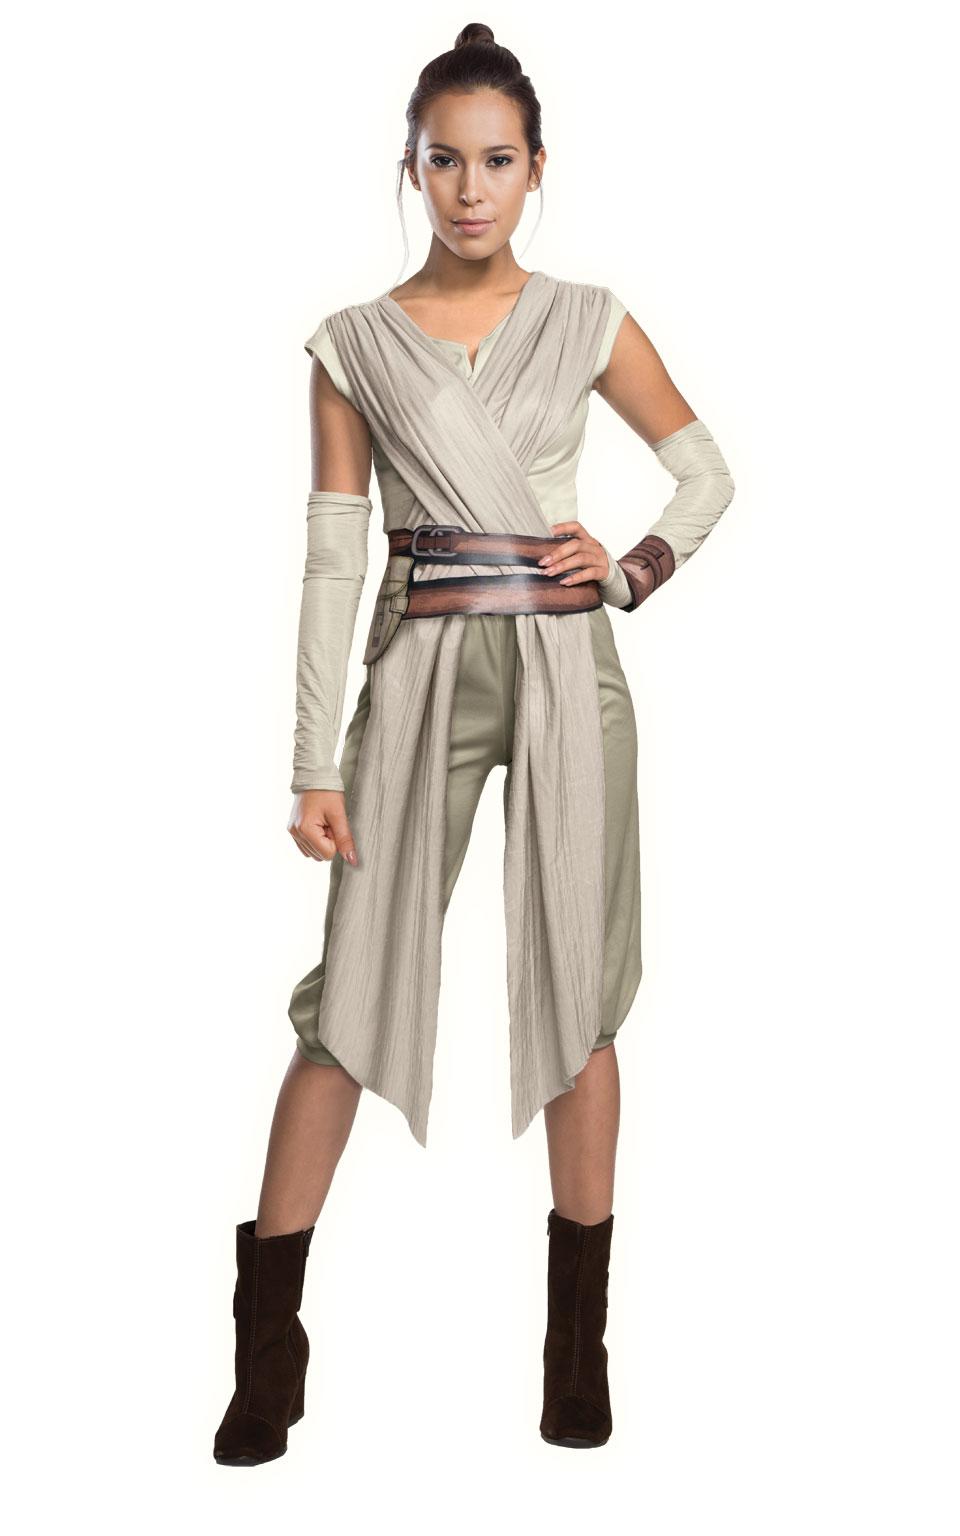 Rubies Dámsky kostým Rey - Deluxe Veľkosť - dospelý: M